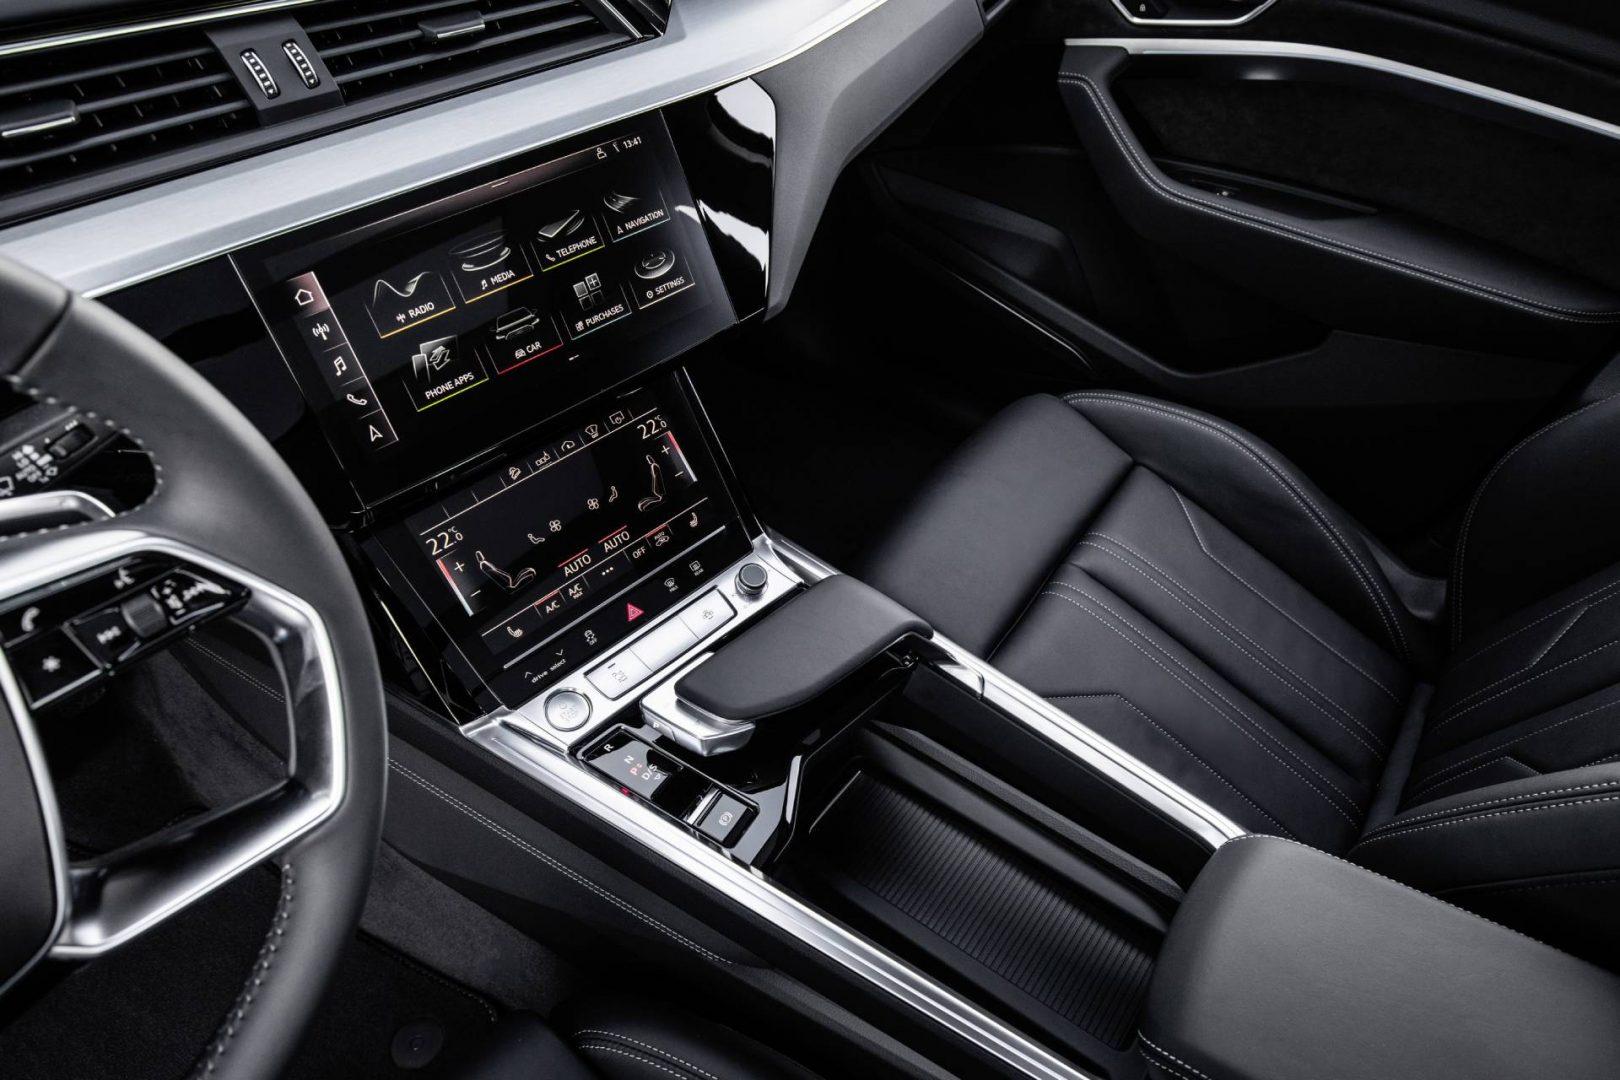 Audi e-tron center console.